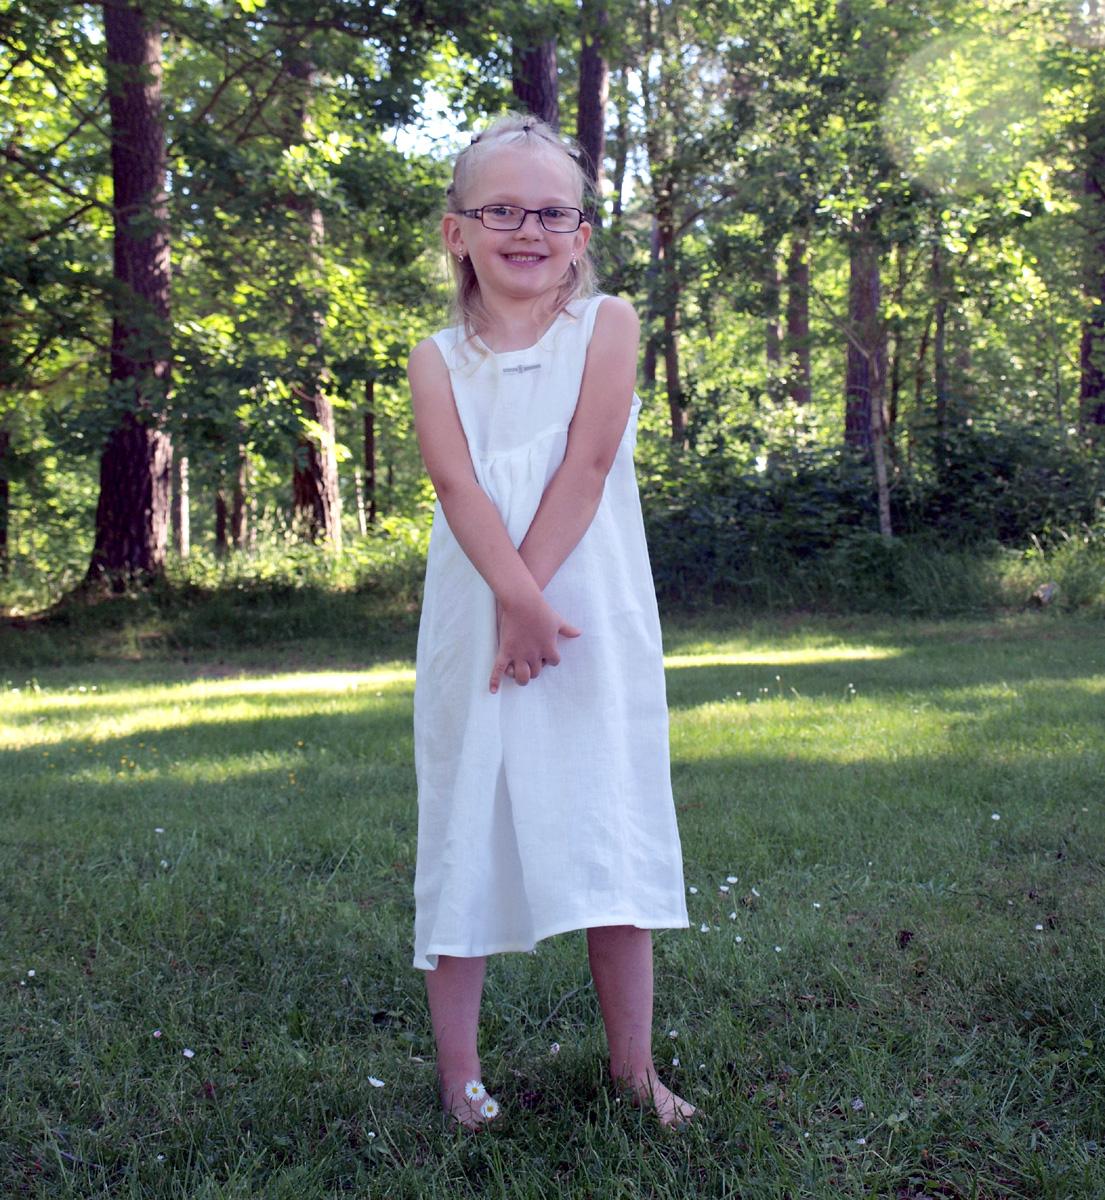 Minimundus klänning utan ärm 100% ekologiskt lin vit